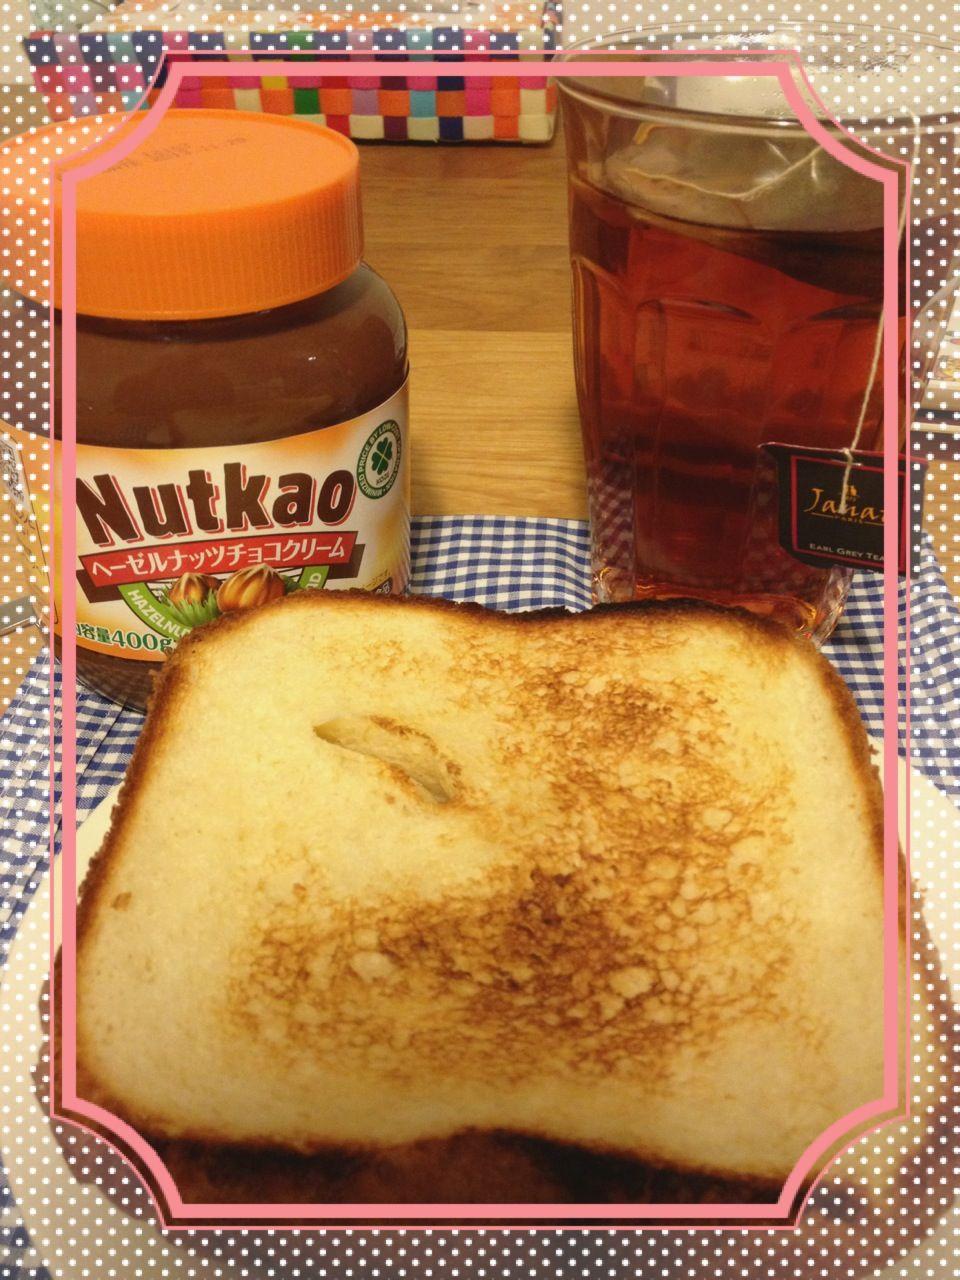 朝はパンを焼いて食べましょう(︶ω︶)  紅茶はアールグレイのティーで  チョコクリームはヌテラから1/3コストなnutkaoでƪ(•̃͡ε•̃͡)∫ʃ